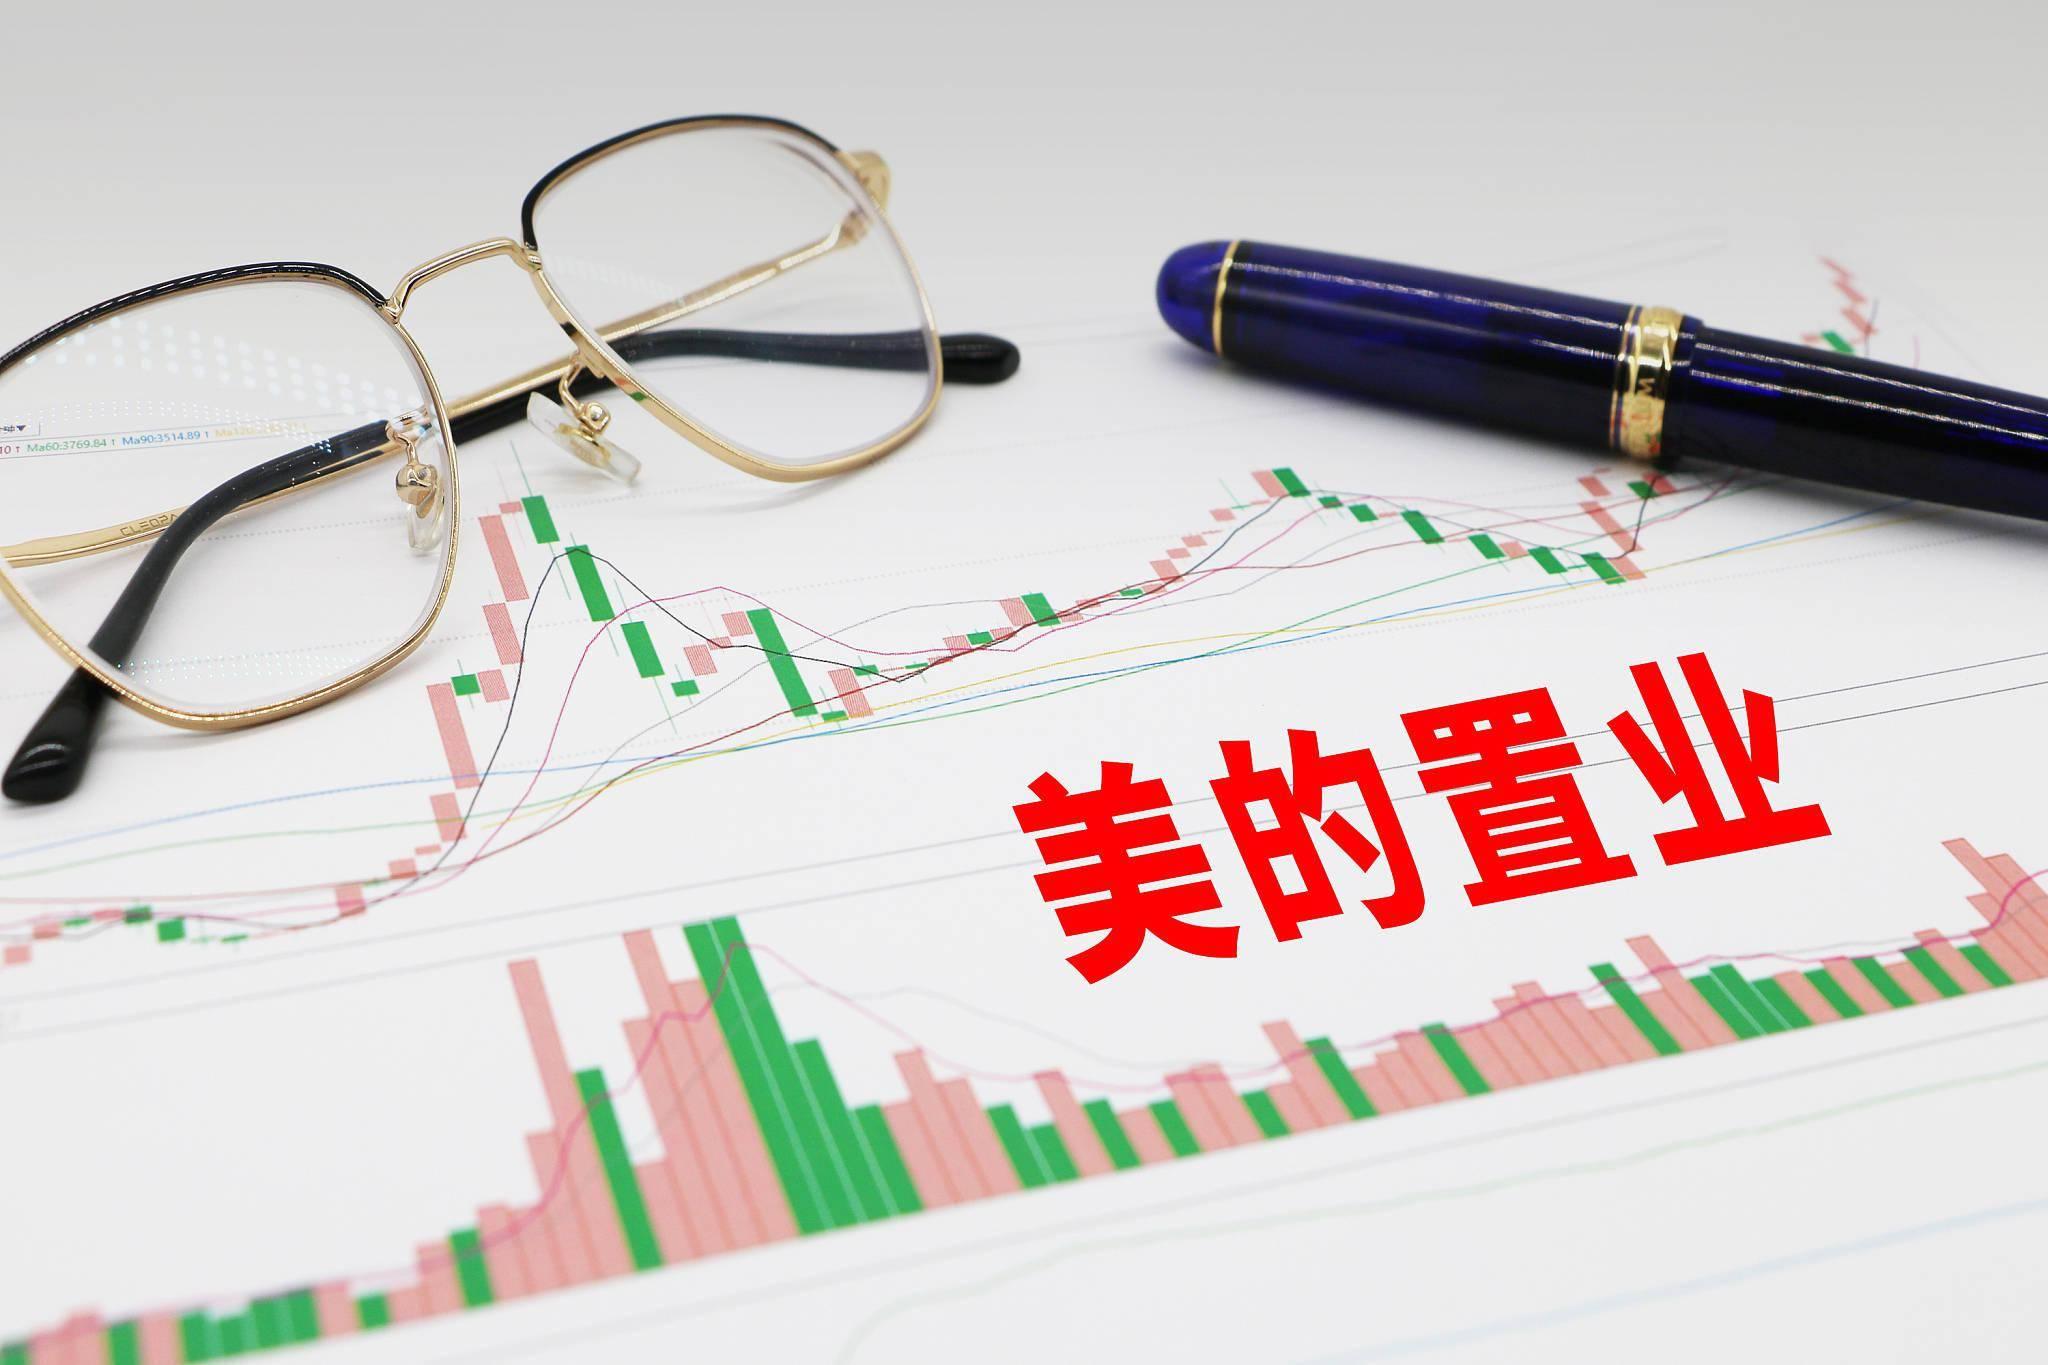 美的置业高溢价拿地背后,三道红线处黄档,新推股权激励计划